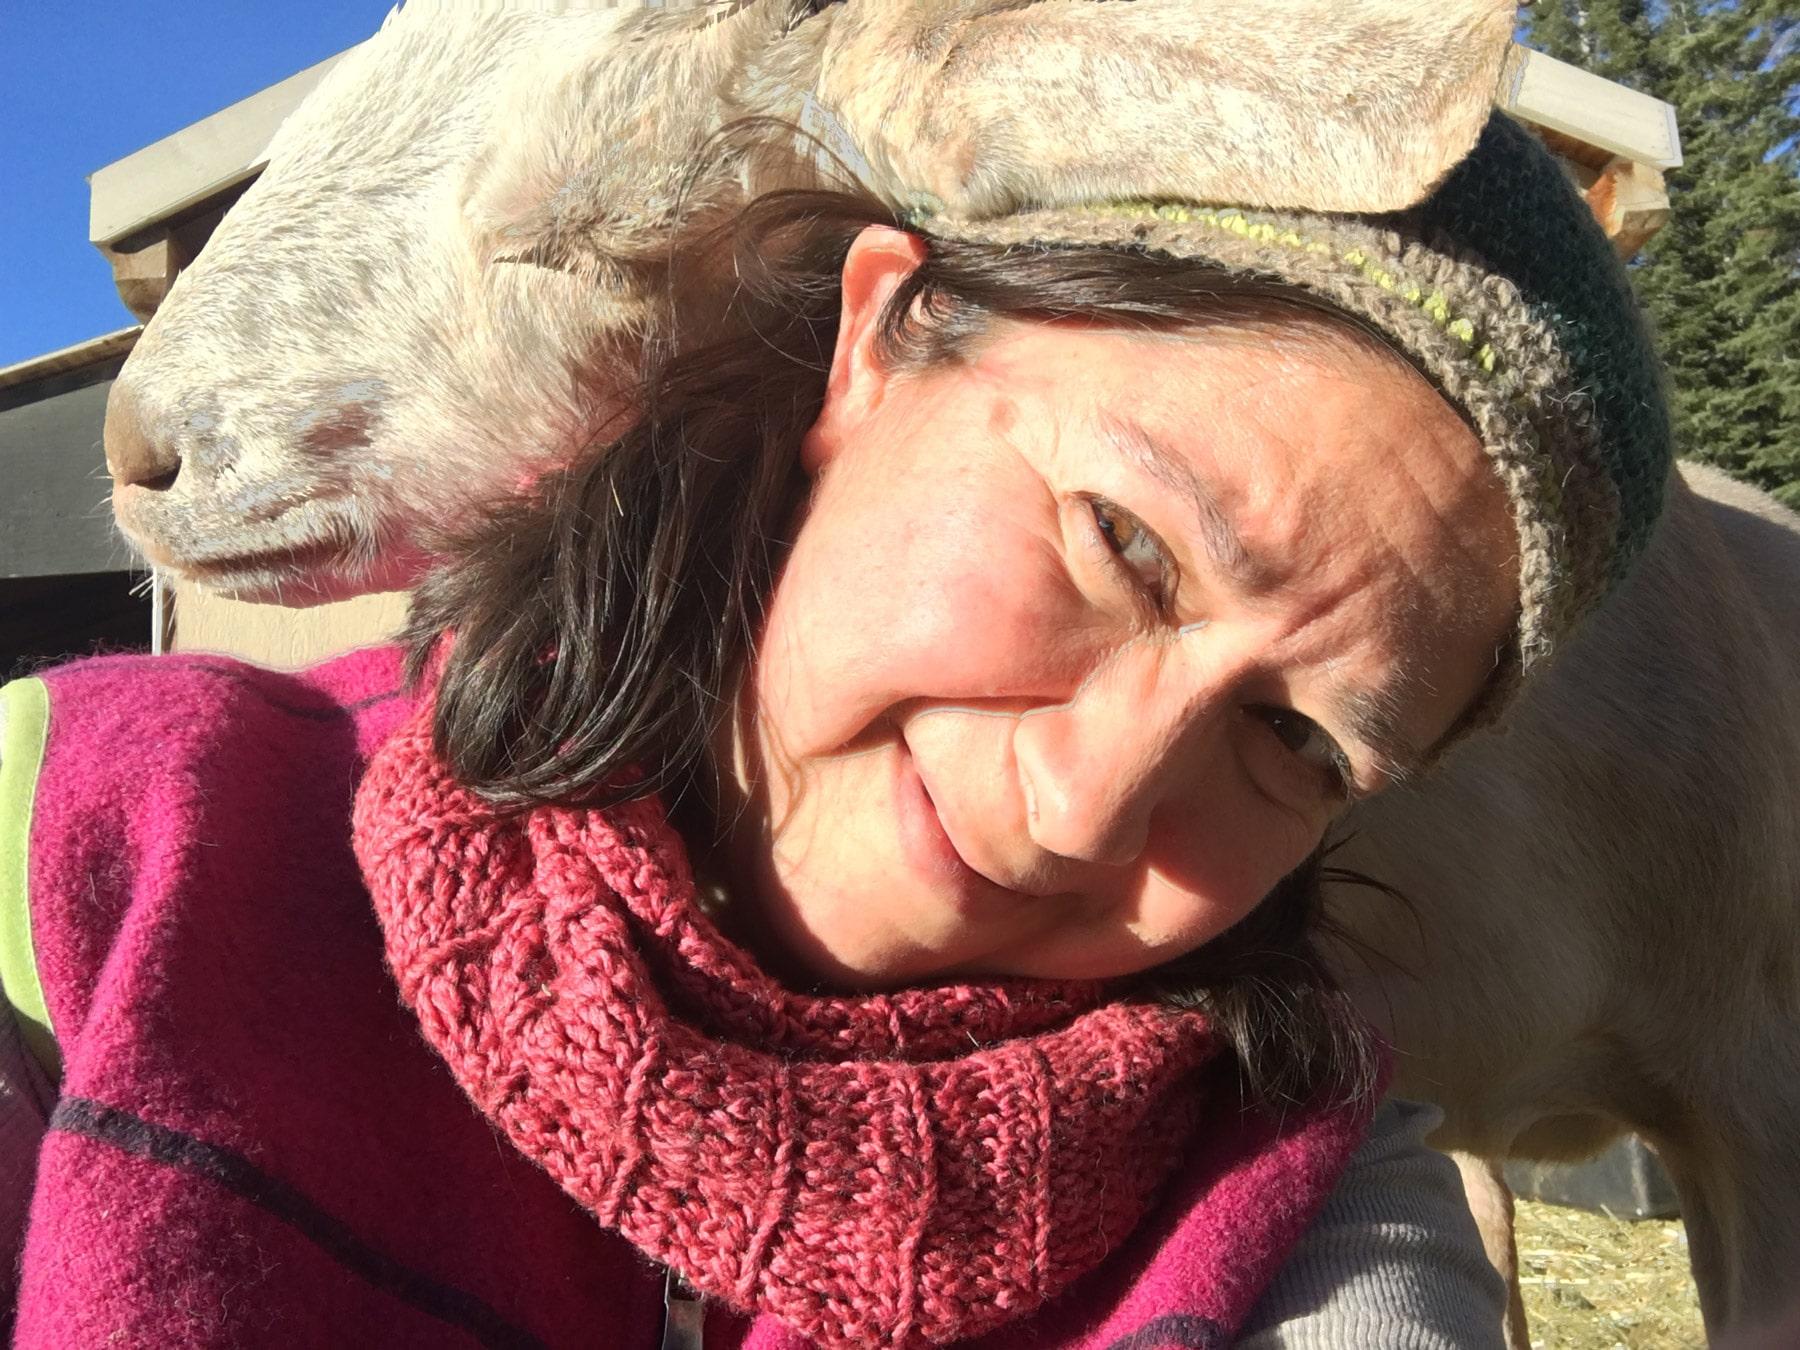 Ylara Khlasa with Honey the goat